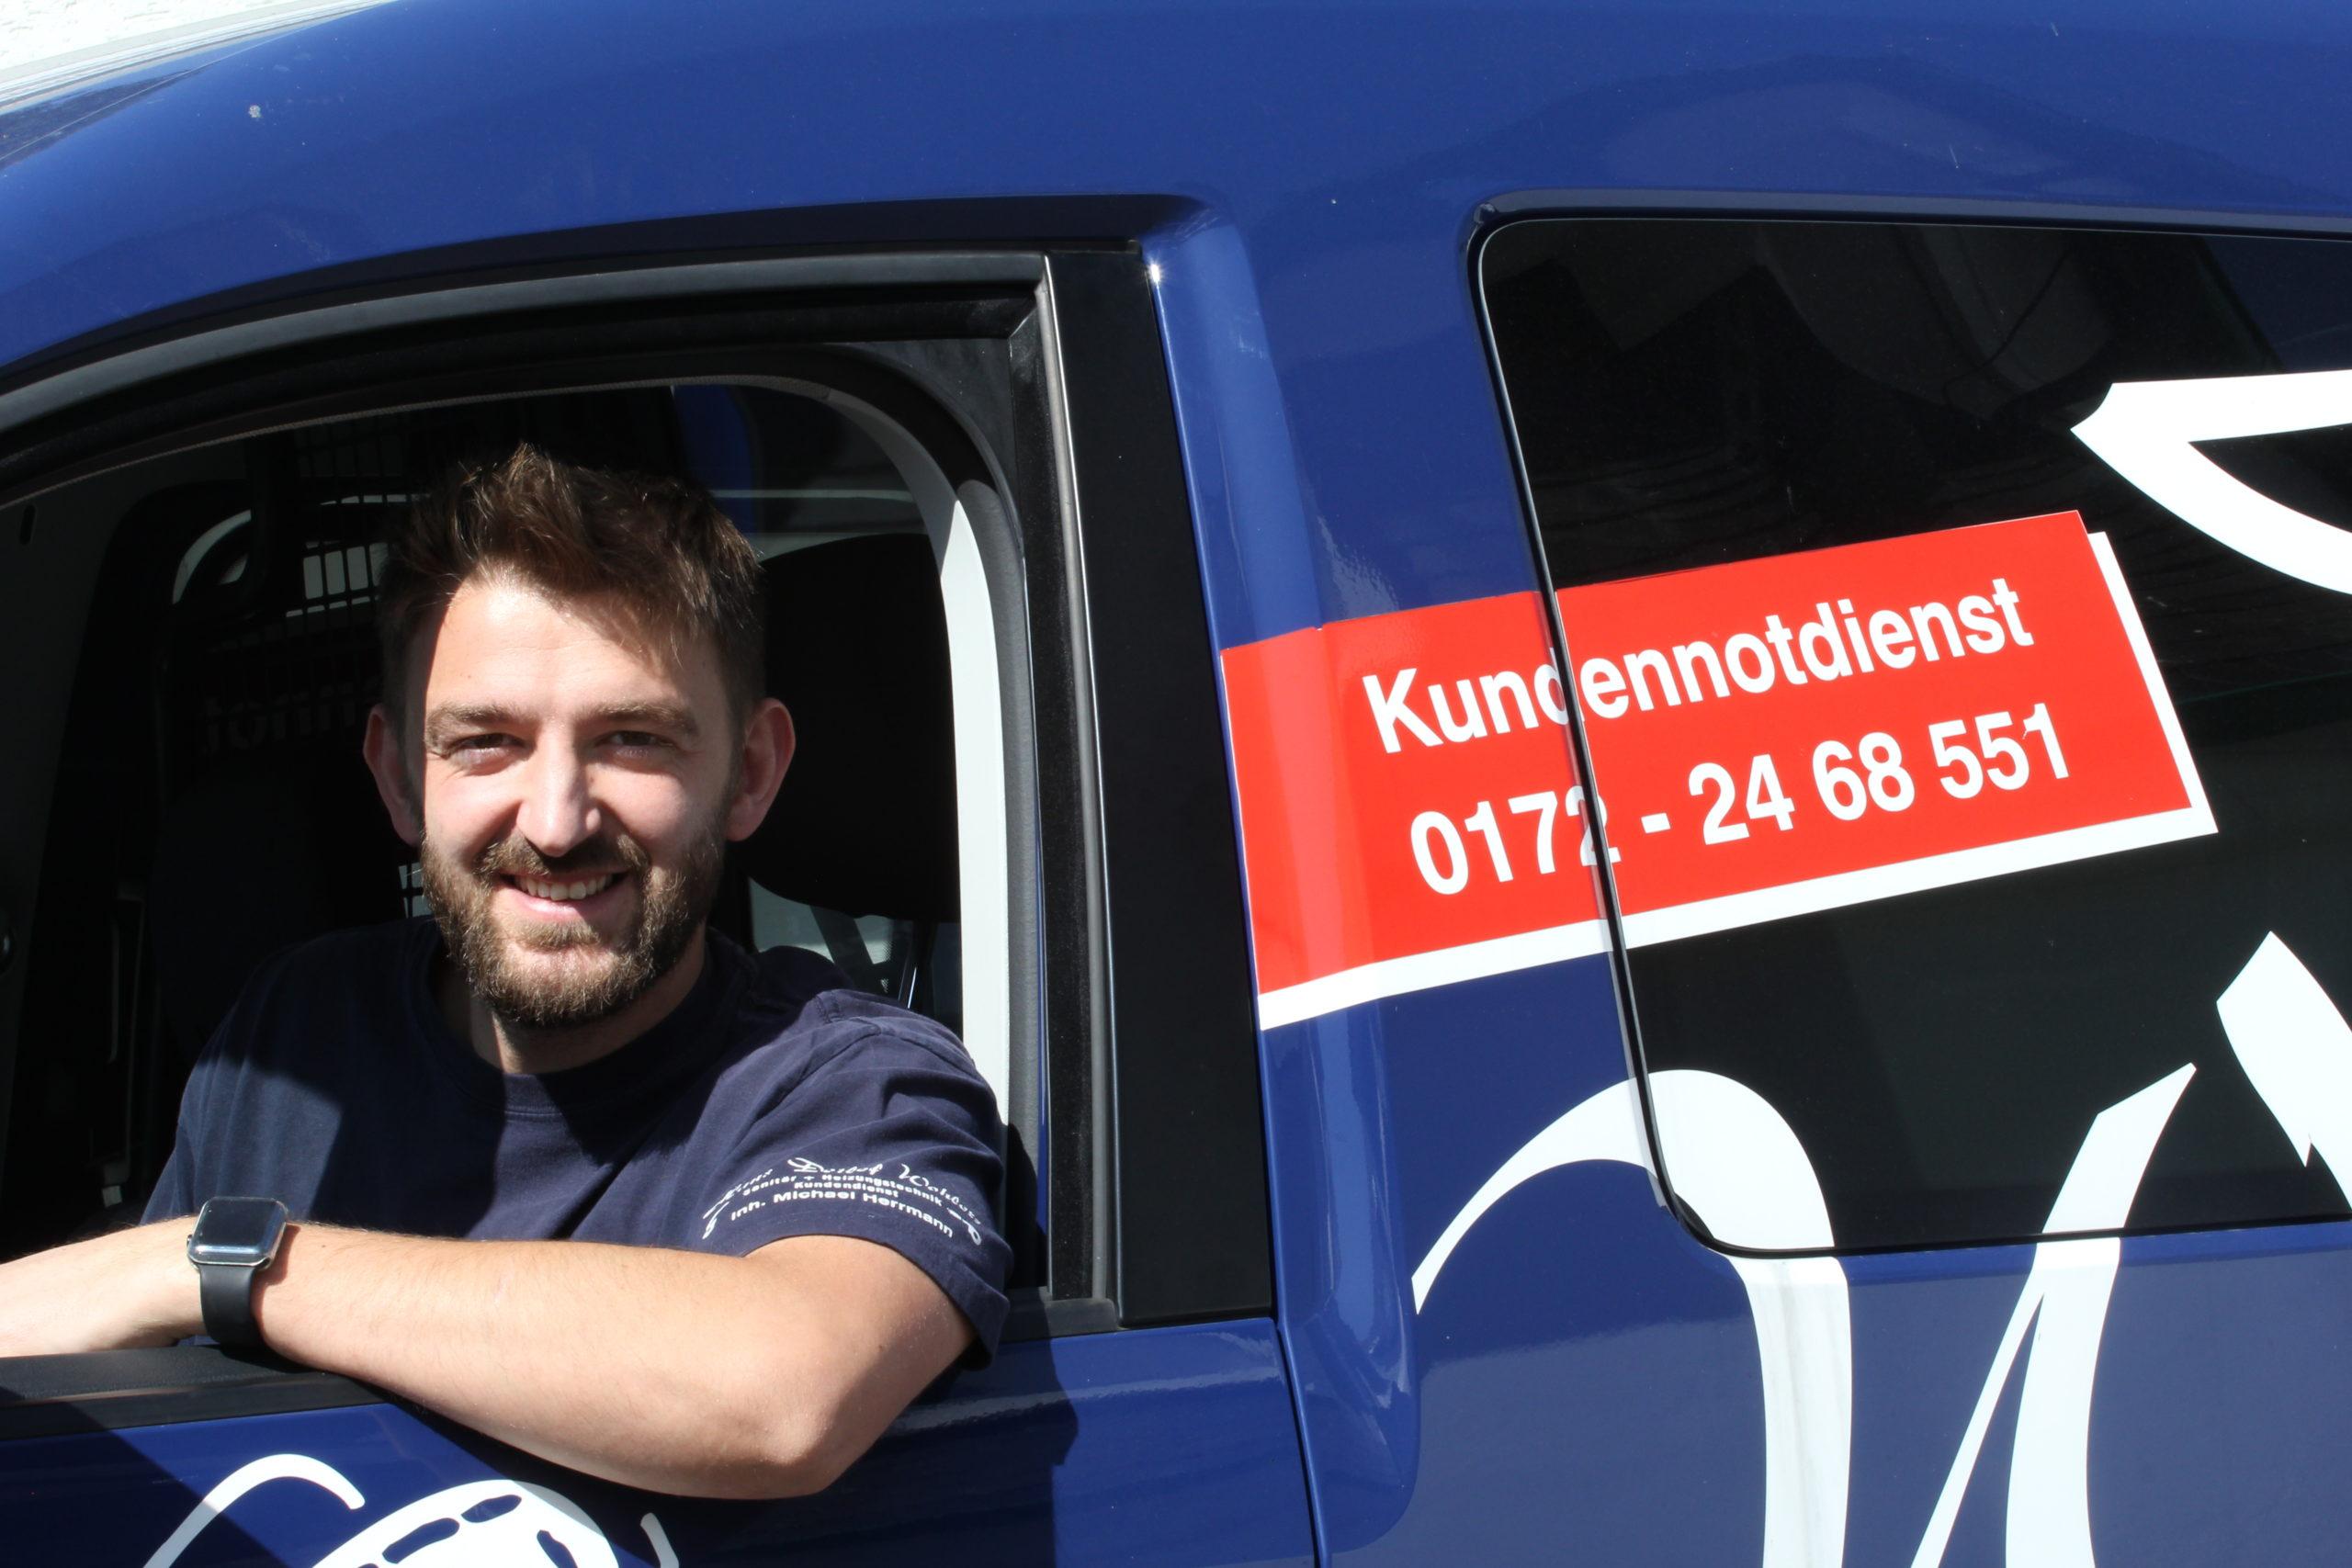 Heizung & Sanitär Kundendienst Remscheid